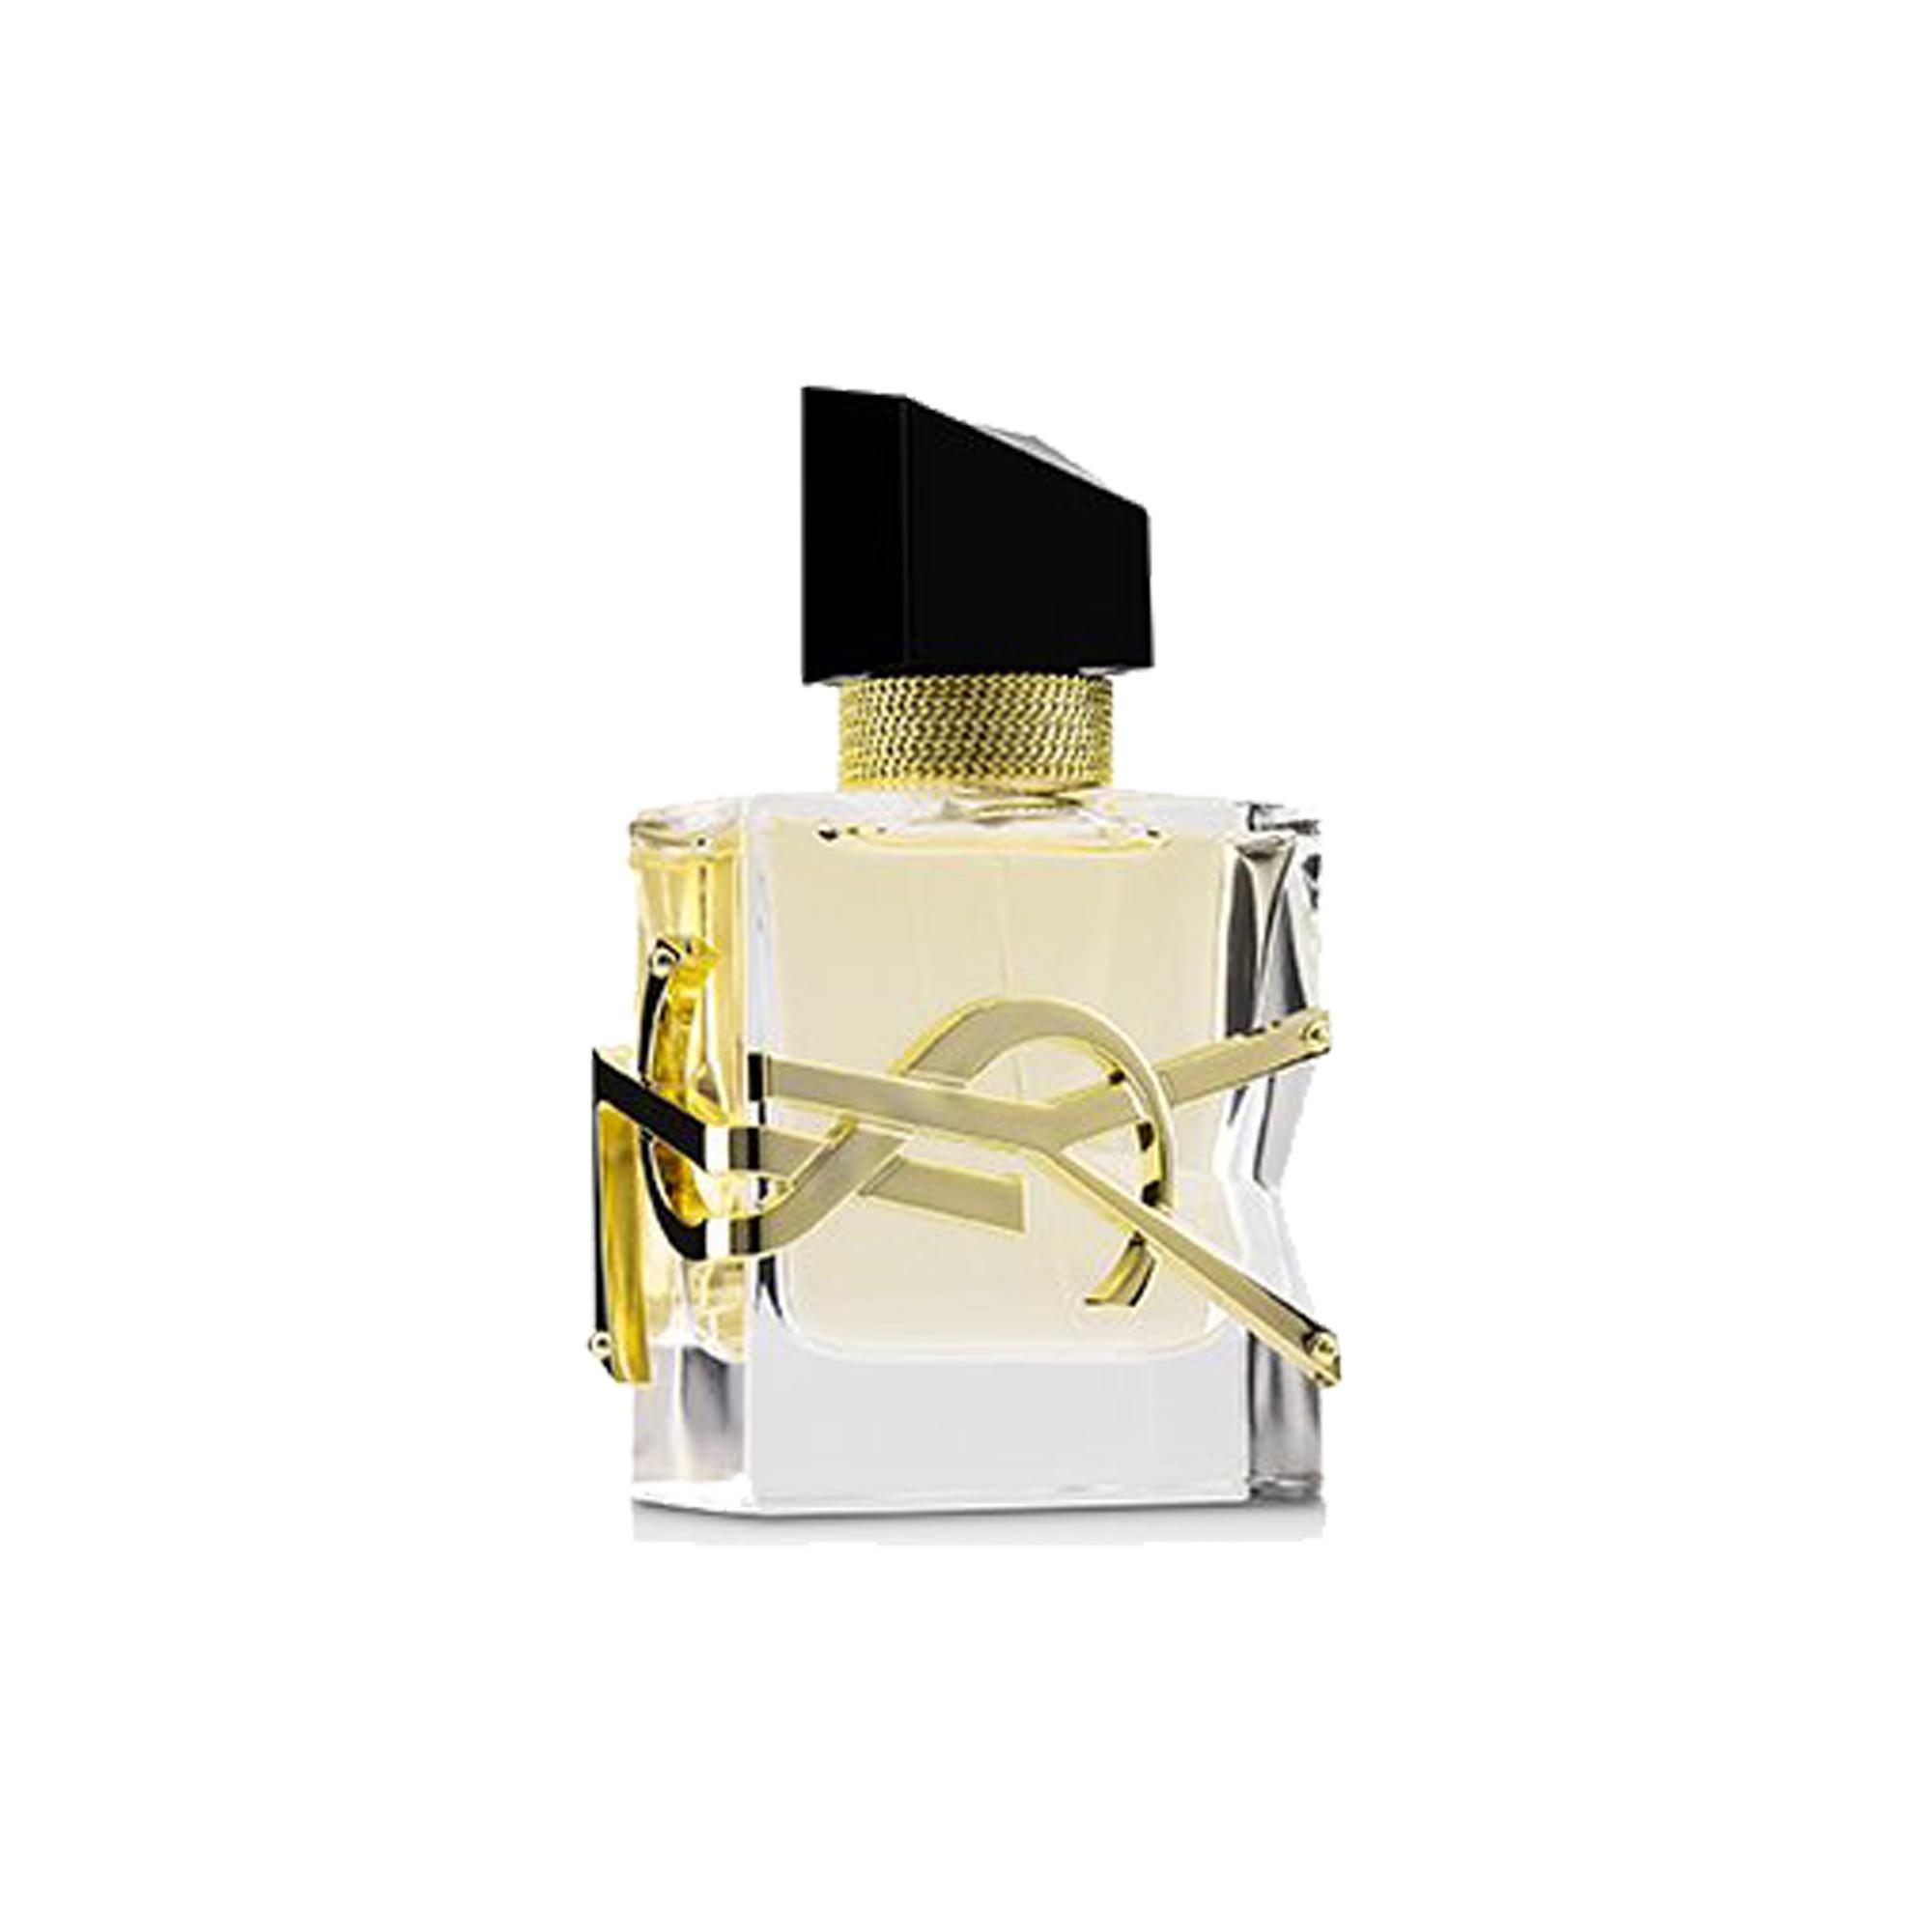 Perfume Ysl Libre 30 Ml